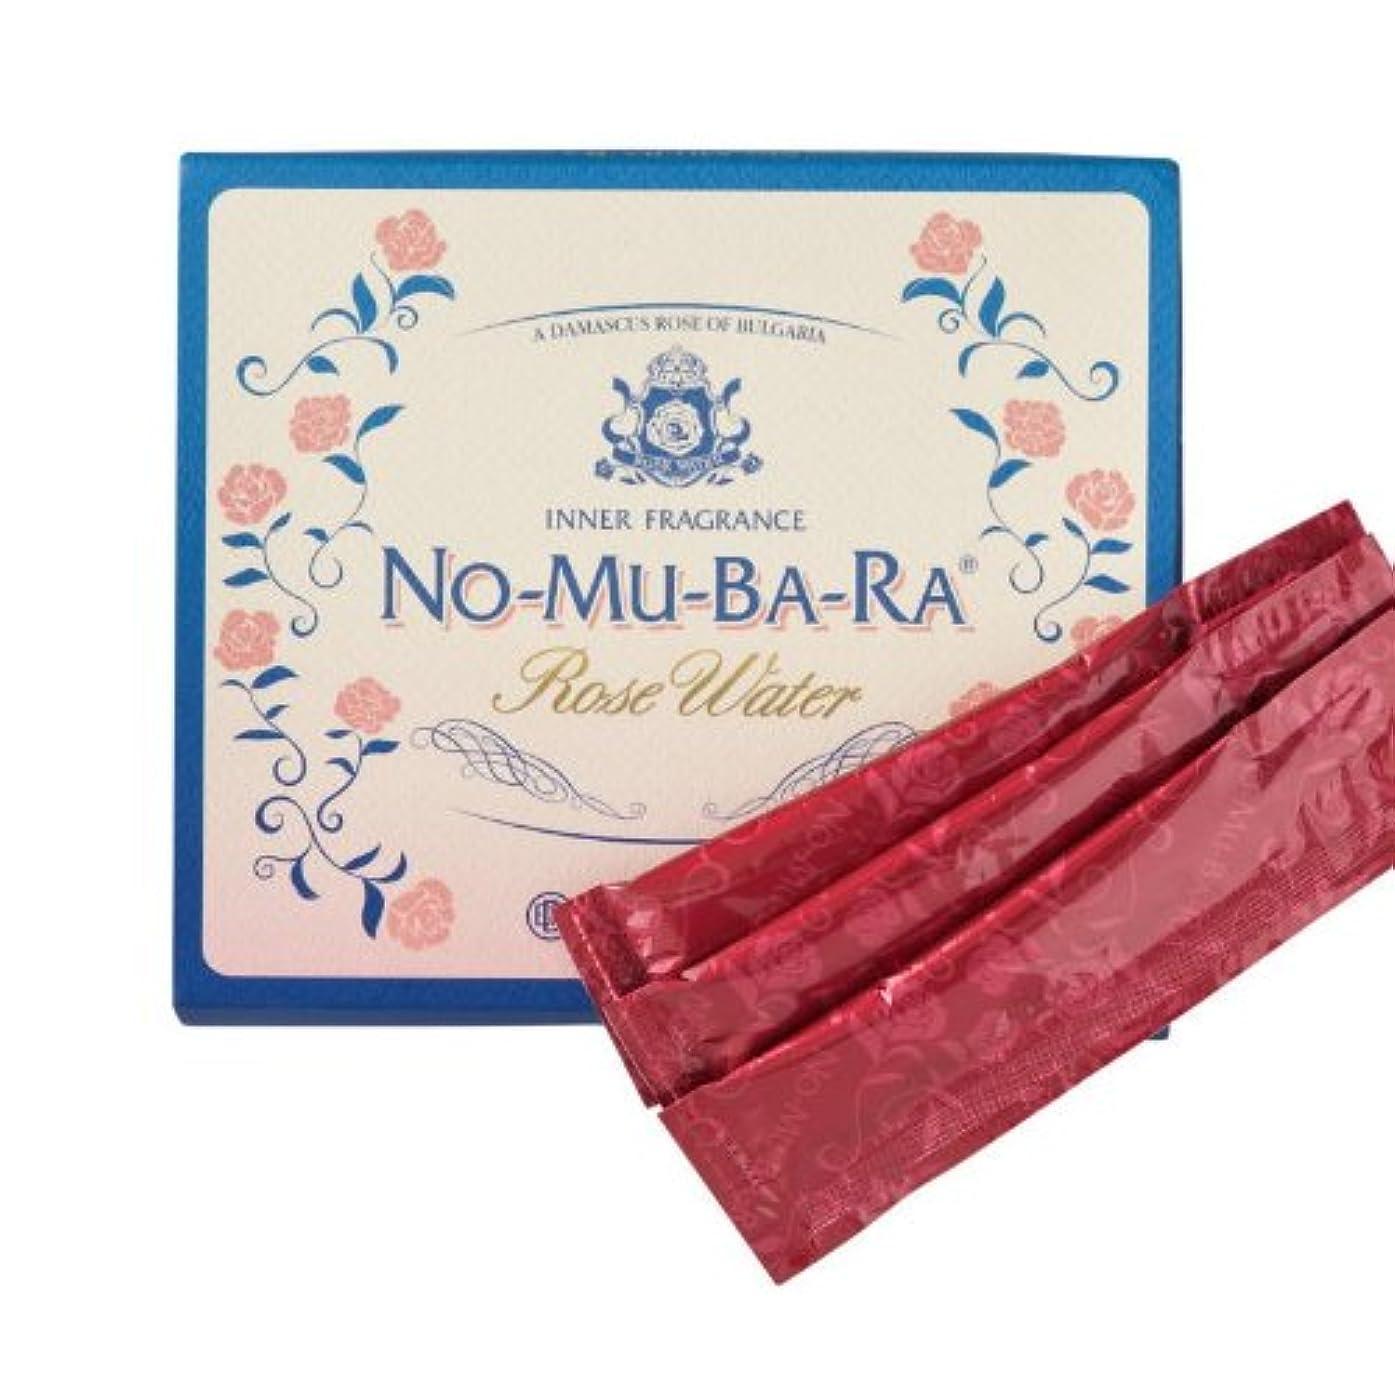 用語集ウルル説明するNO-MU-BA-RA(5m l×30包入)